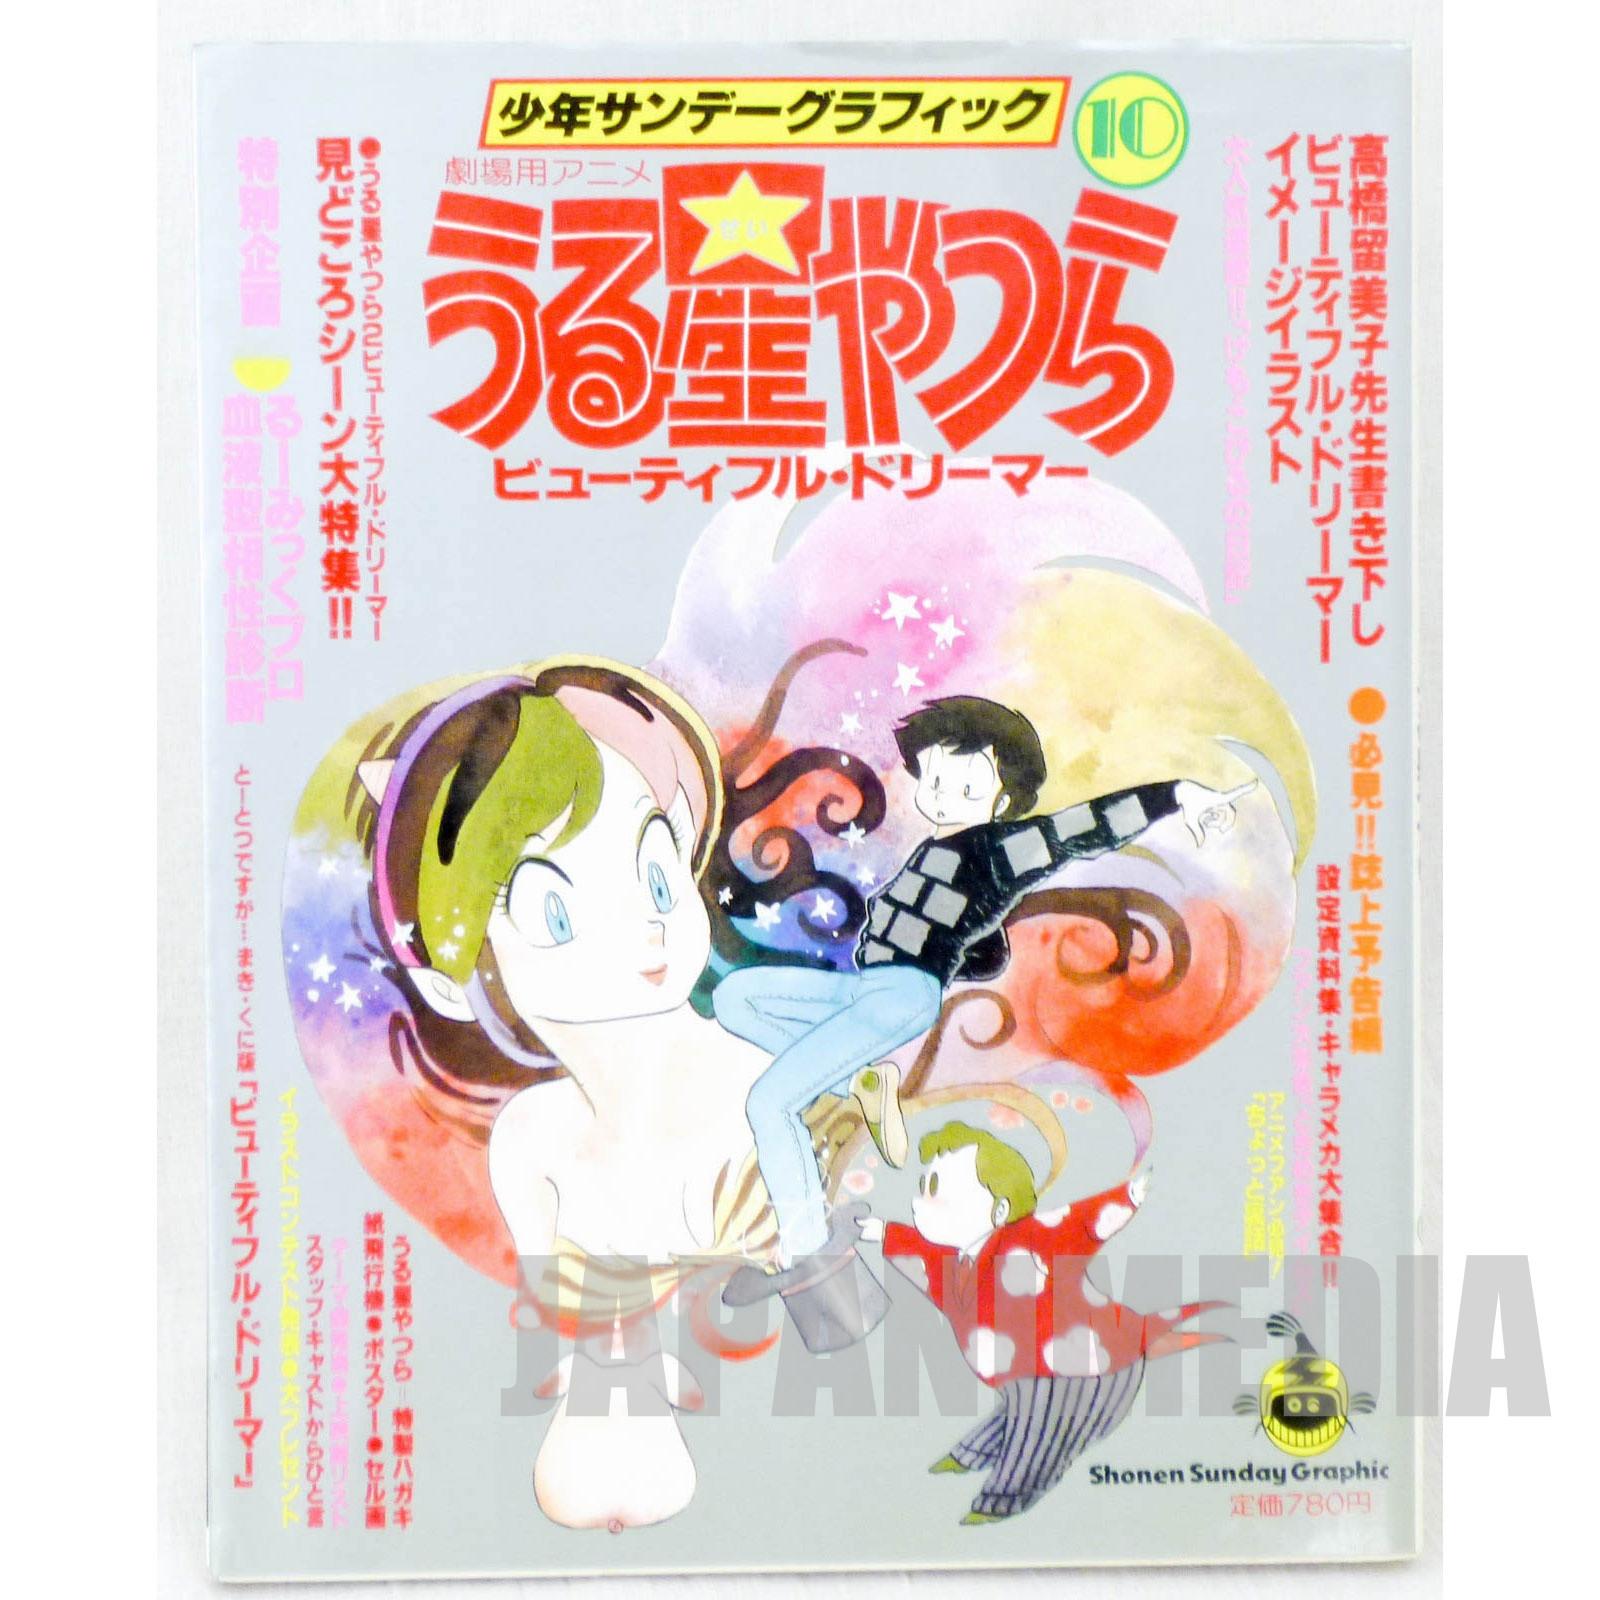 Urusei Yatsura film series Shonen Sunday Graphic Book 10 - Beautiful Dreamer - Poster JAPAN ANIME